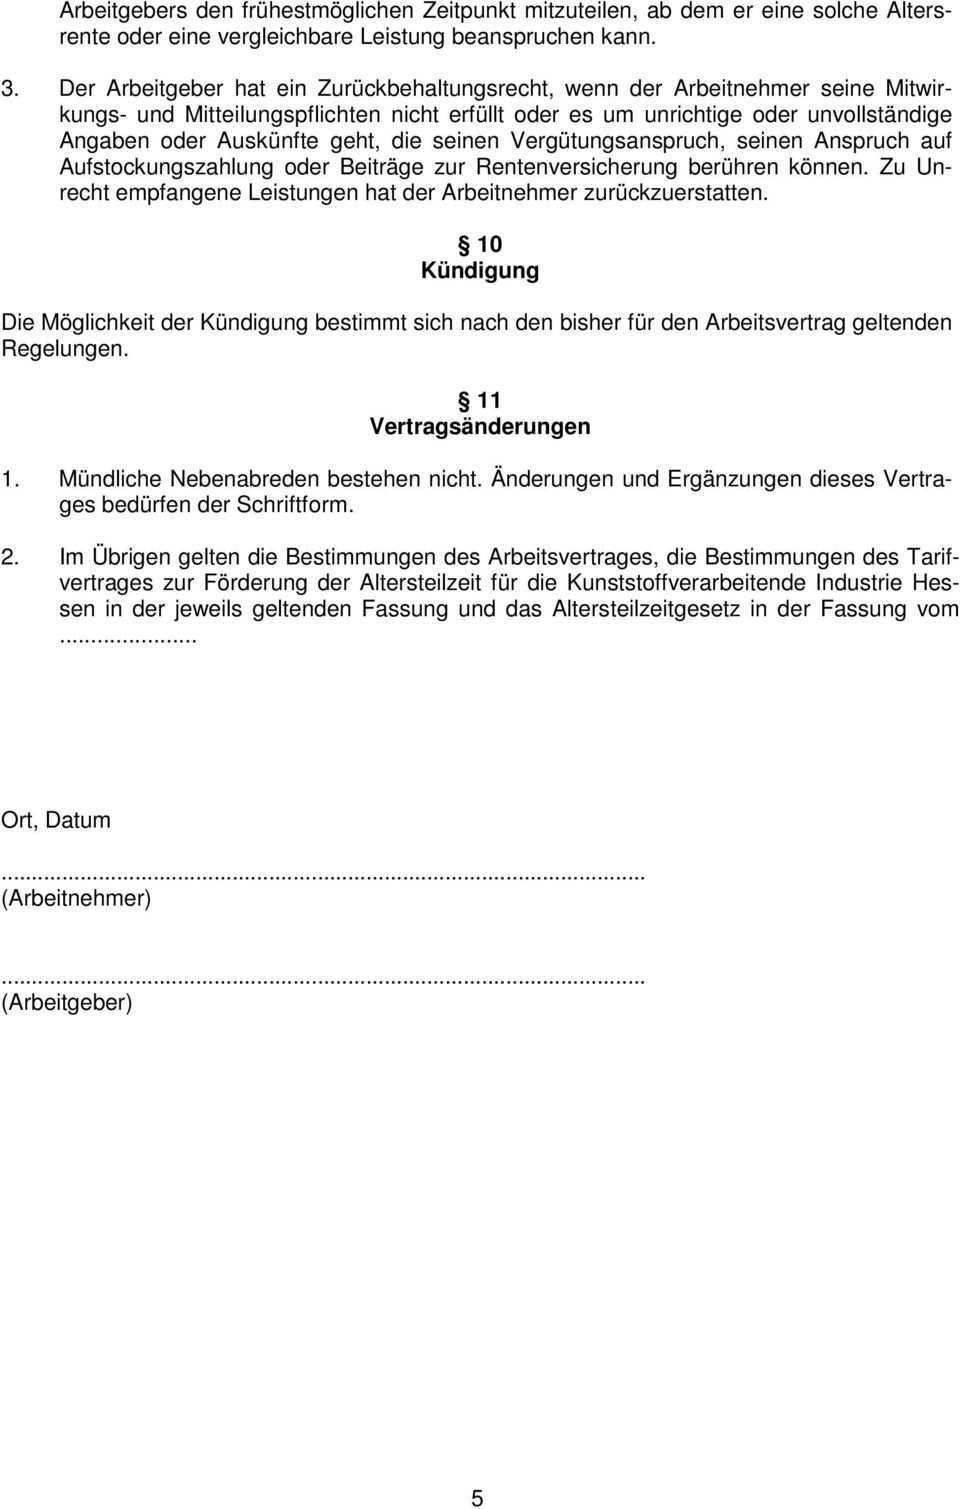 Kvi Muster Einer Altersteilzeit Vereinbarung Nach Dem Altersteilzeitarbeitsmodell I Pdf Kostenfreier Download